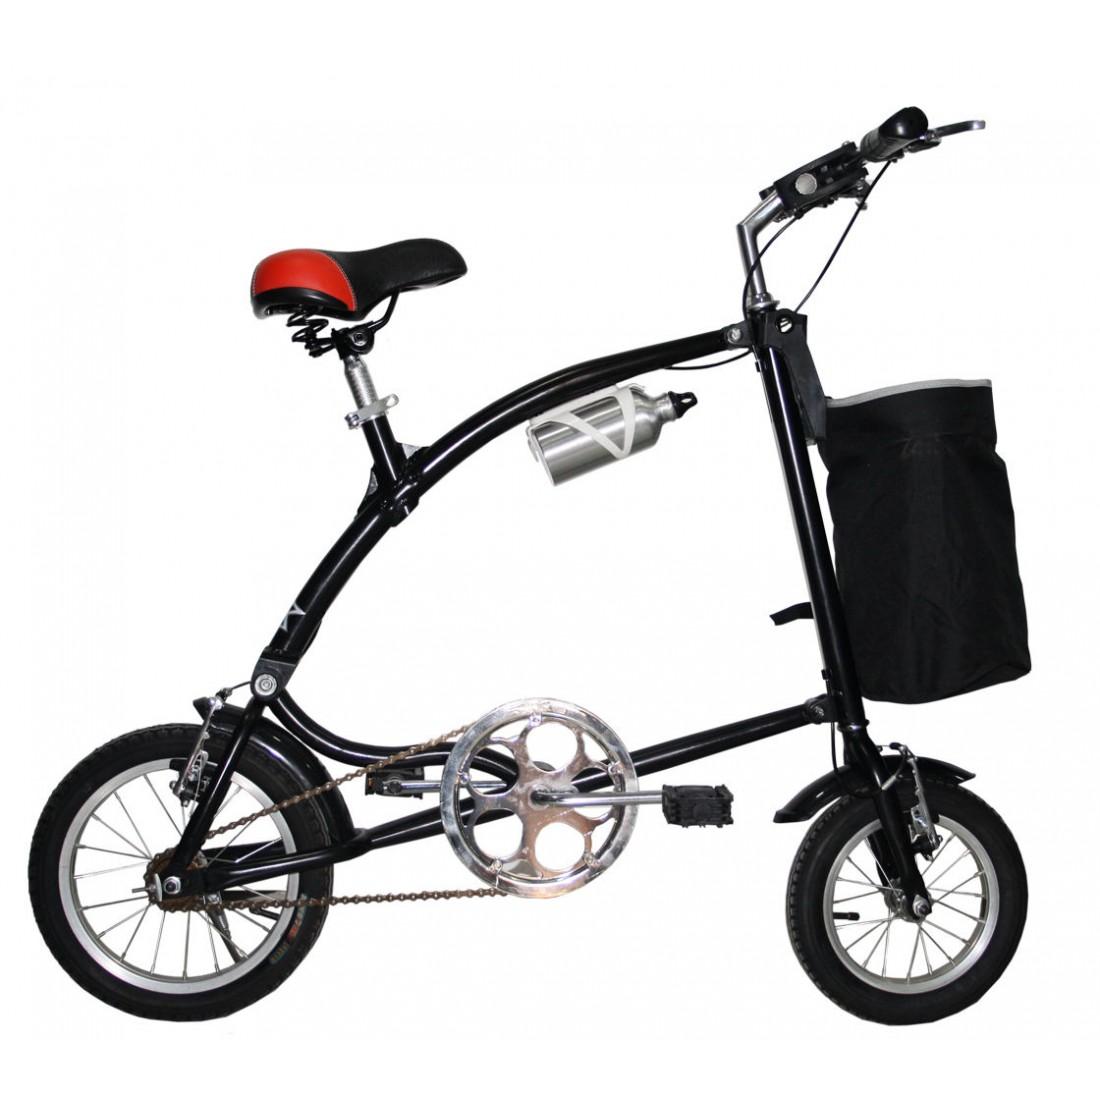 Bici Pieghevole In Alluminio.Bici Pieghevole 12 14